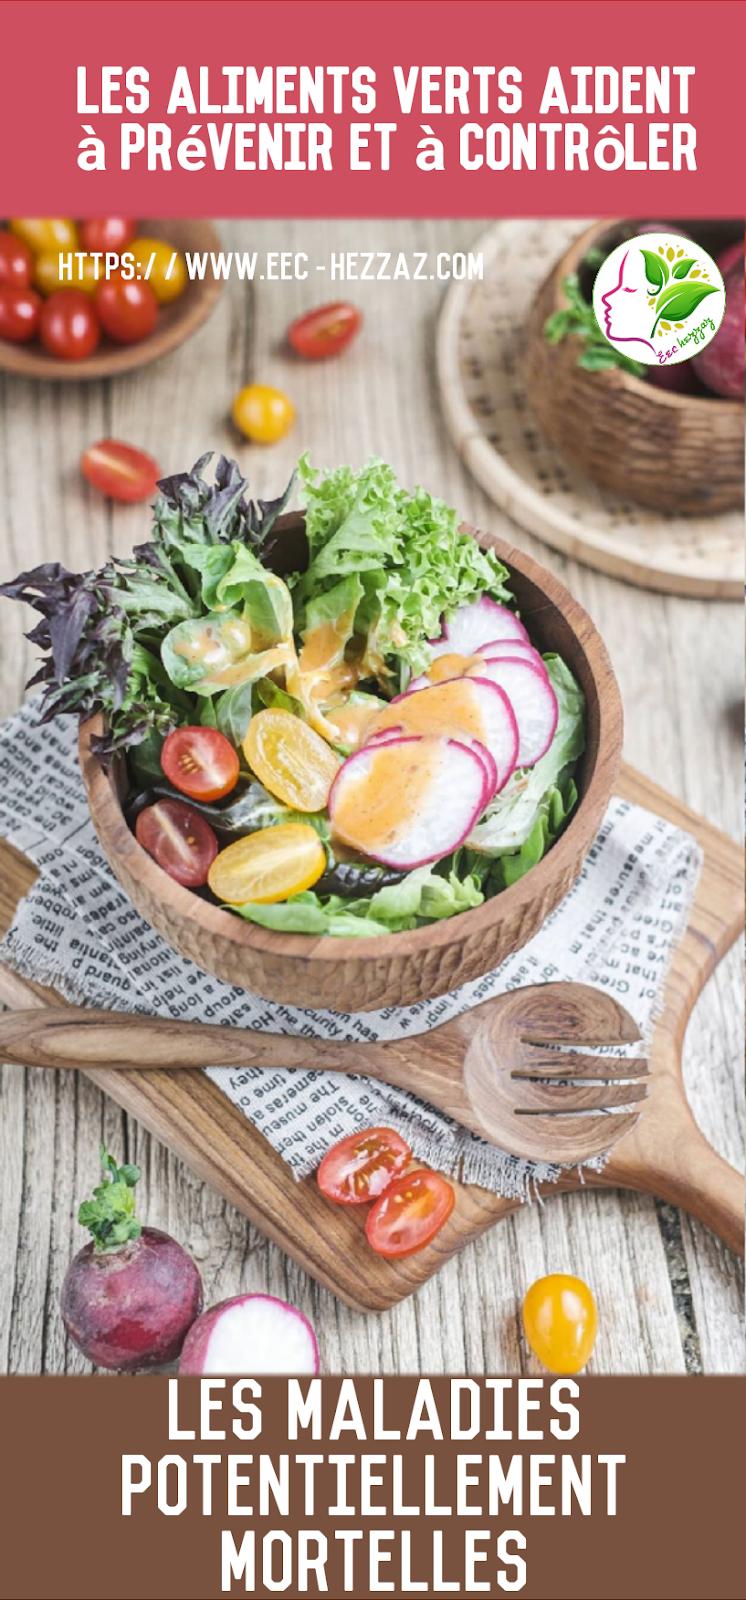 Les aliments verts aident à prévenir et à contrôler les maladies potentiellement mortelles